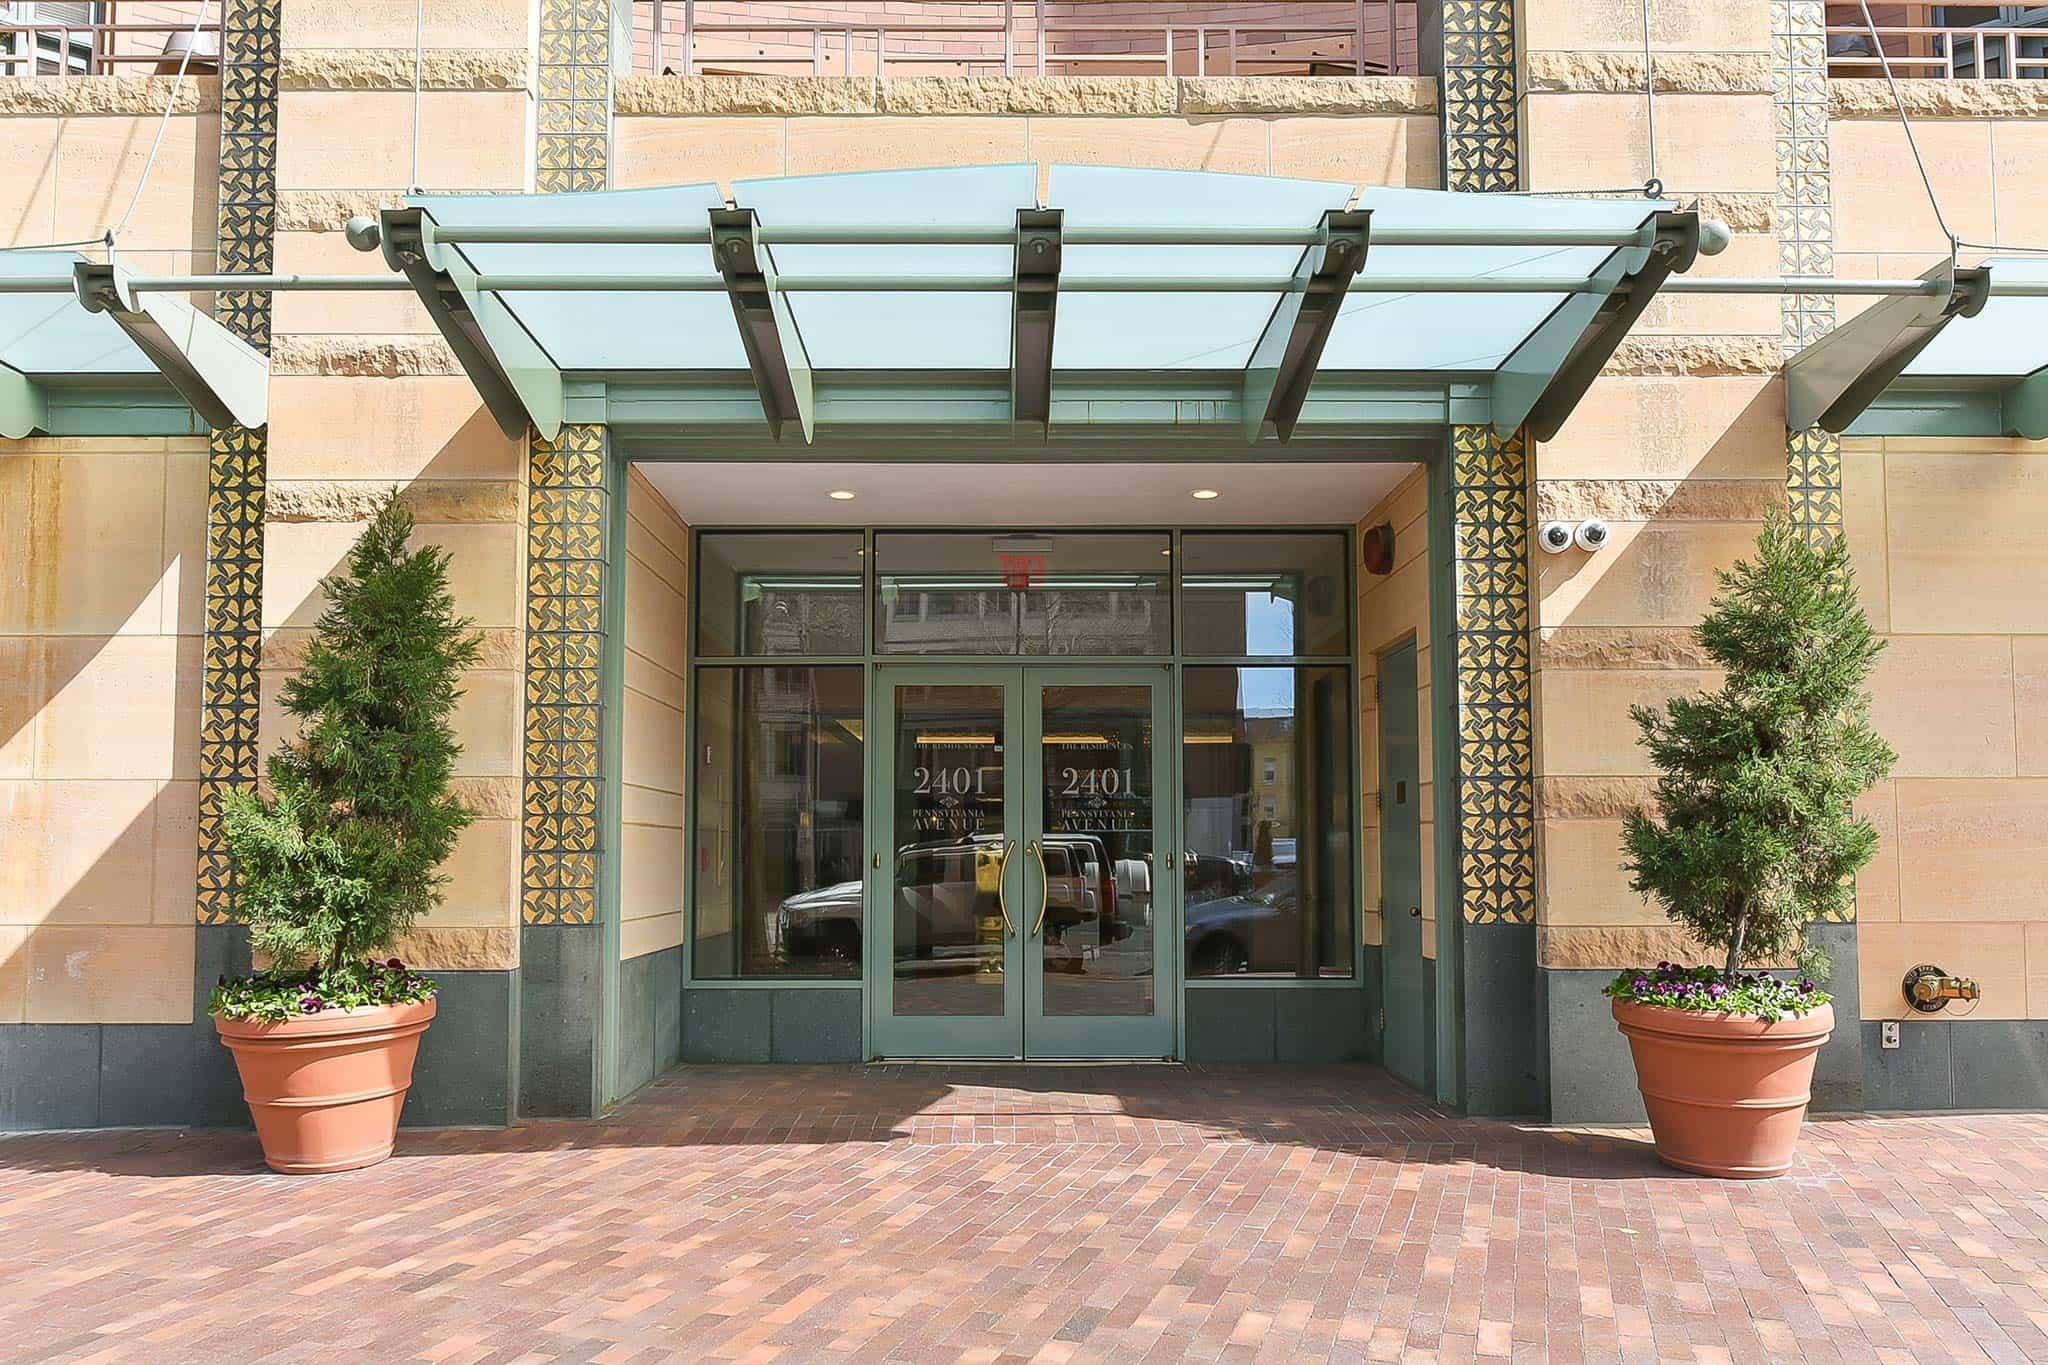 2401 Pennsylvania Avenue entrance